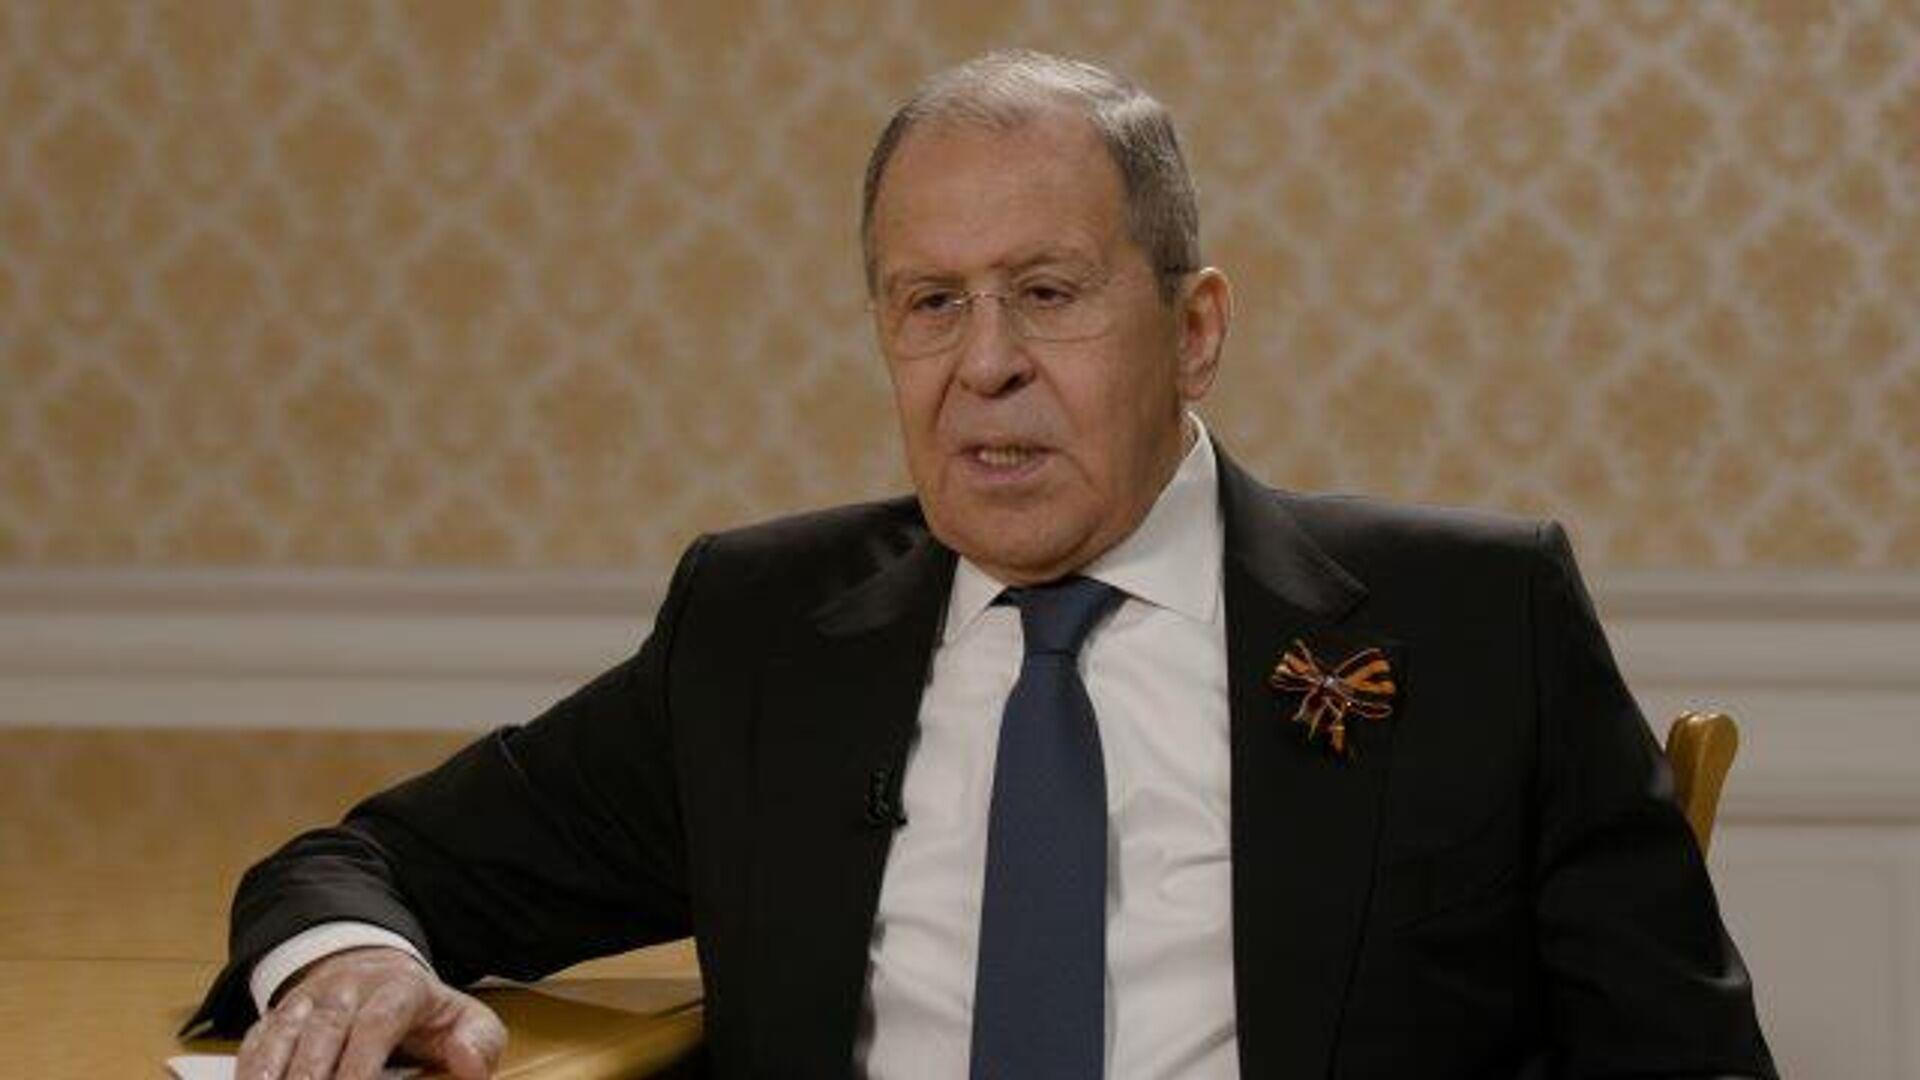 Лавров прокомментировал позицию Великобритании в отношении России и Евросоюза  - РИА Новости, 1920, 28.04.2021